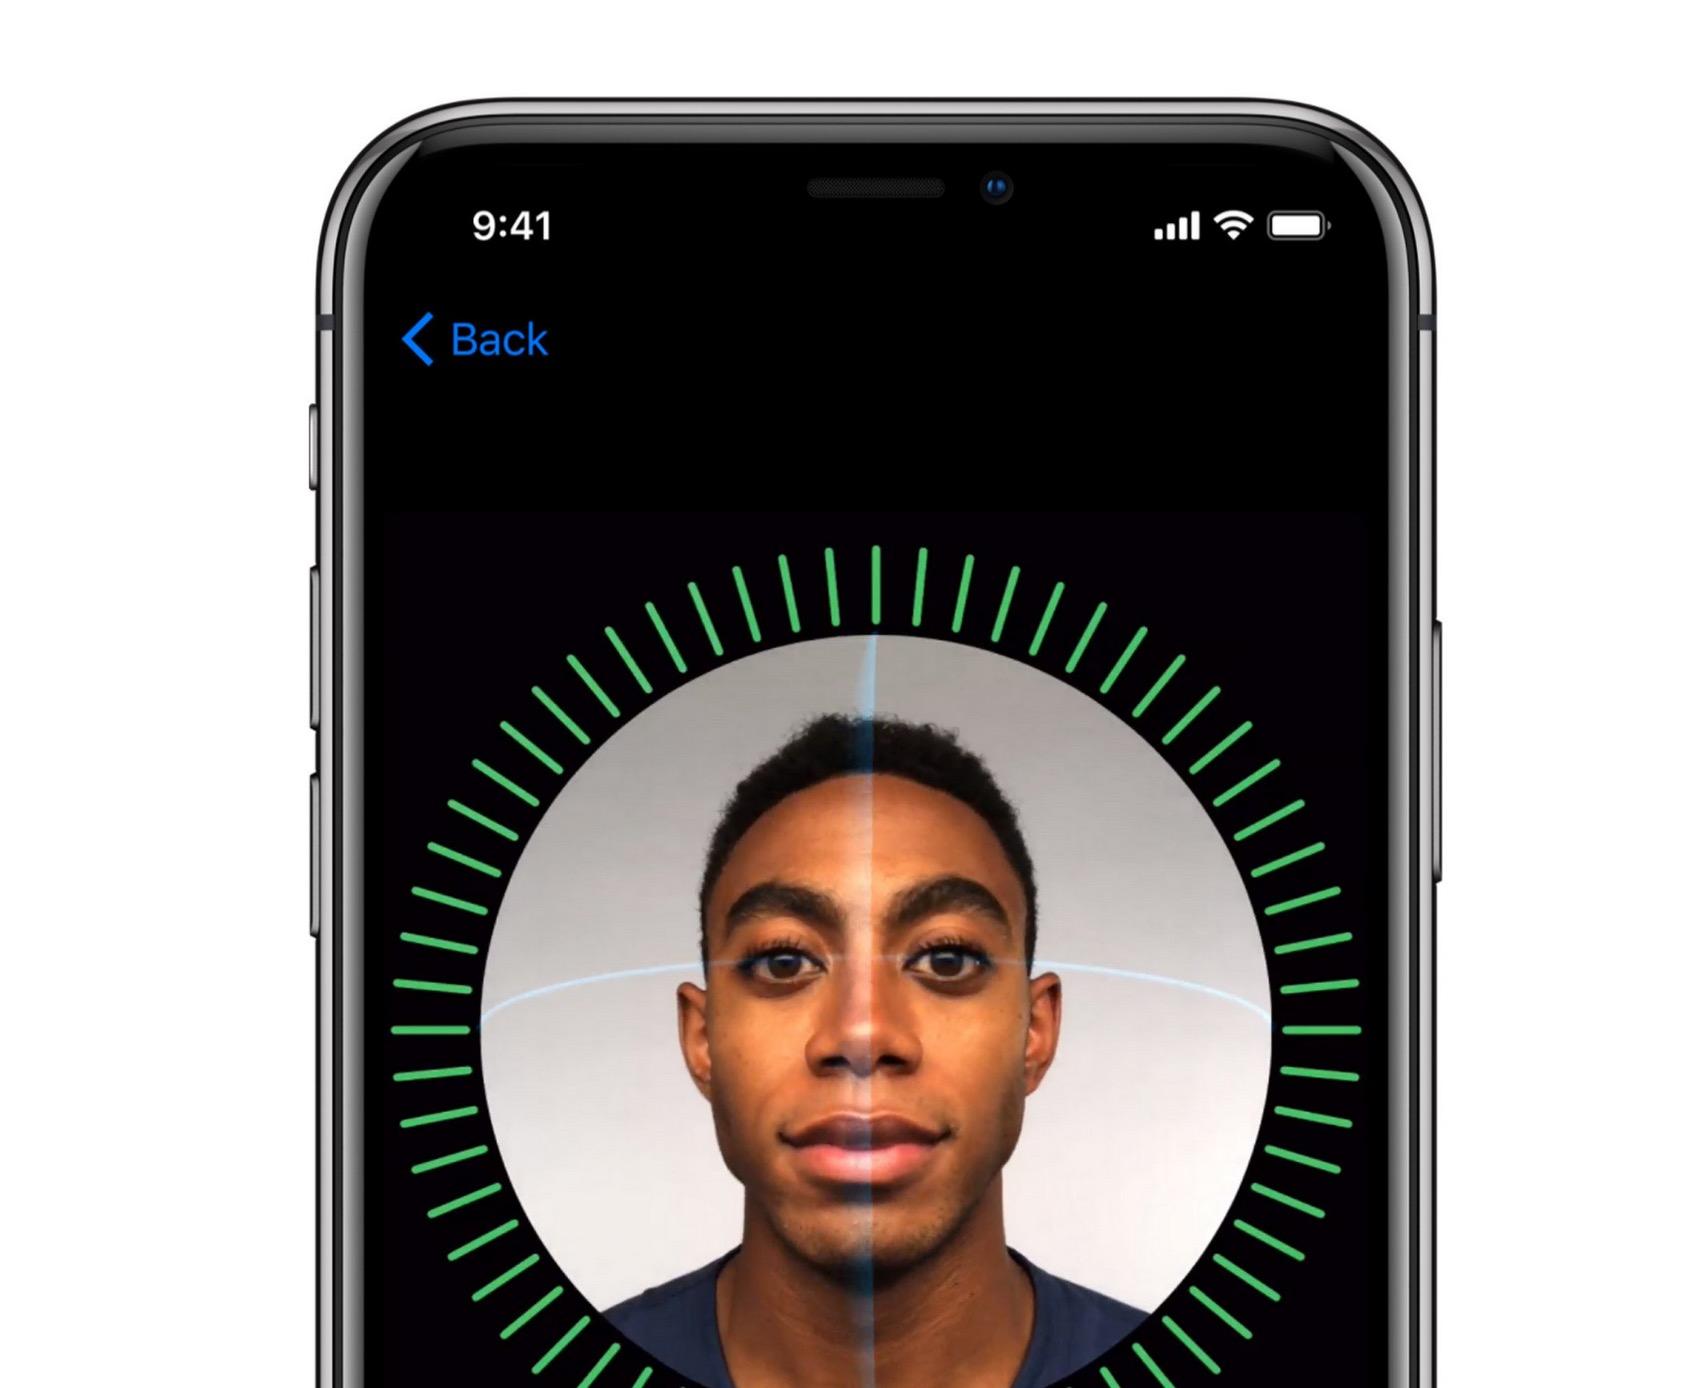 廉价版iPhone X曝光:这个实用功能终于加入